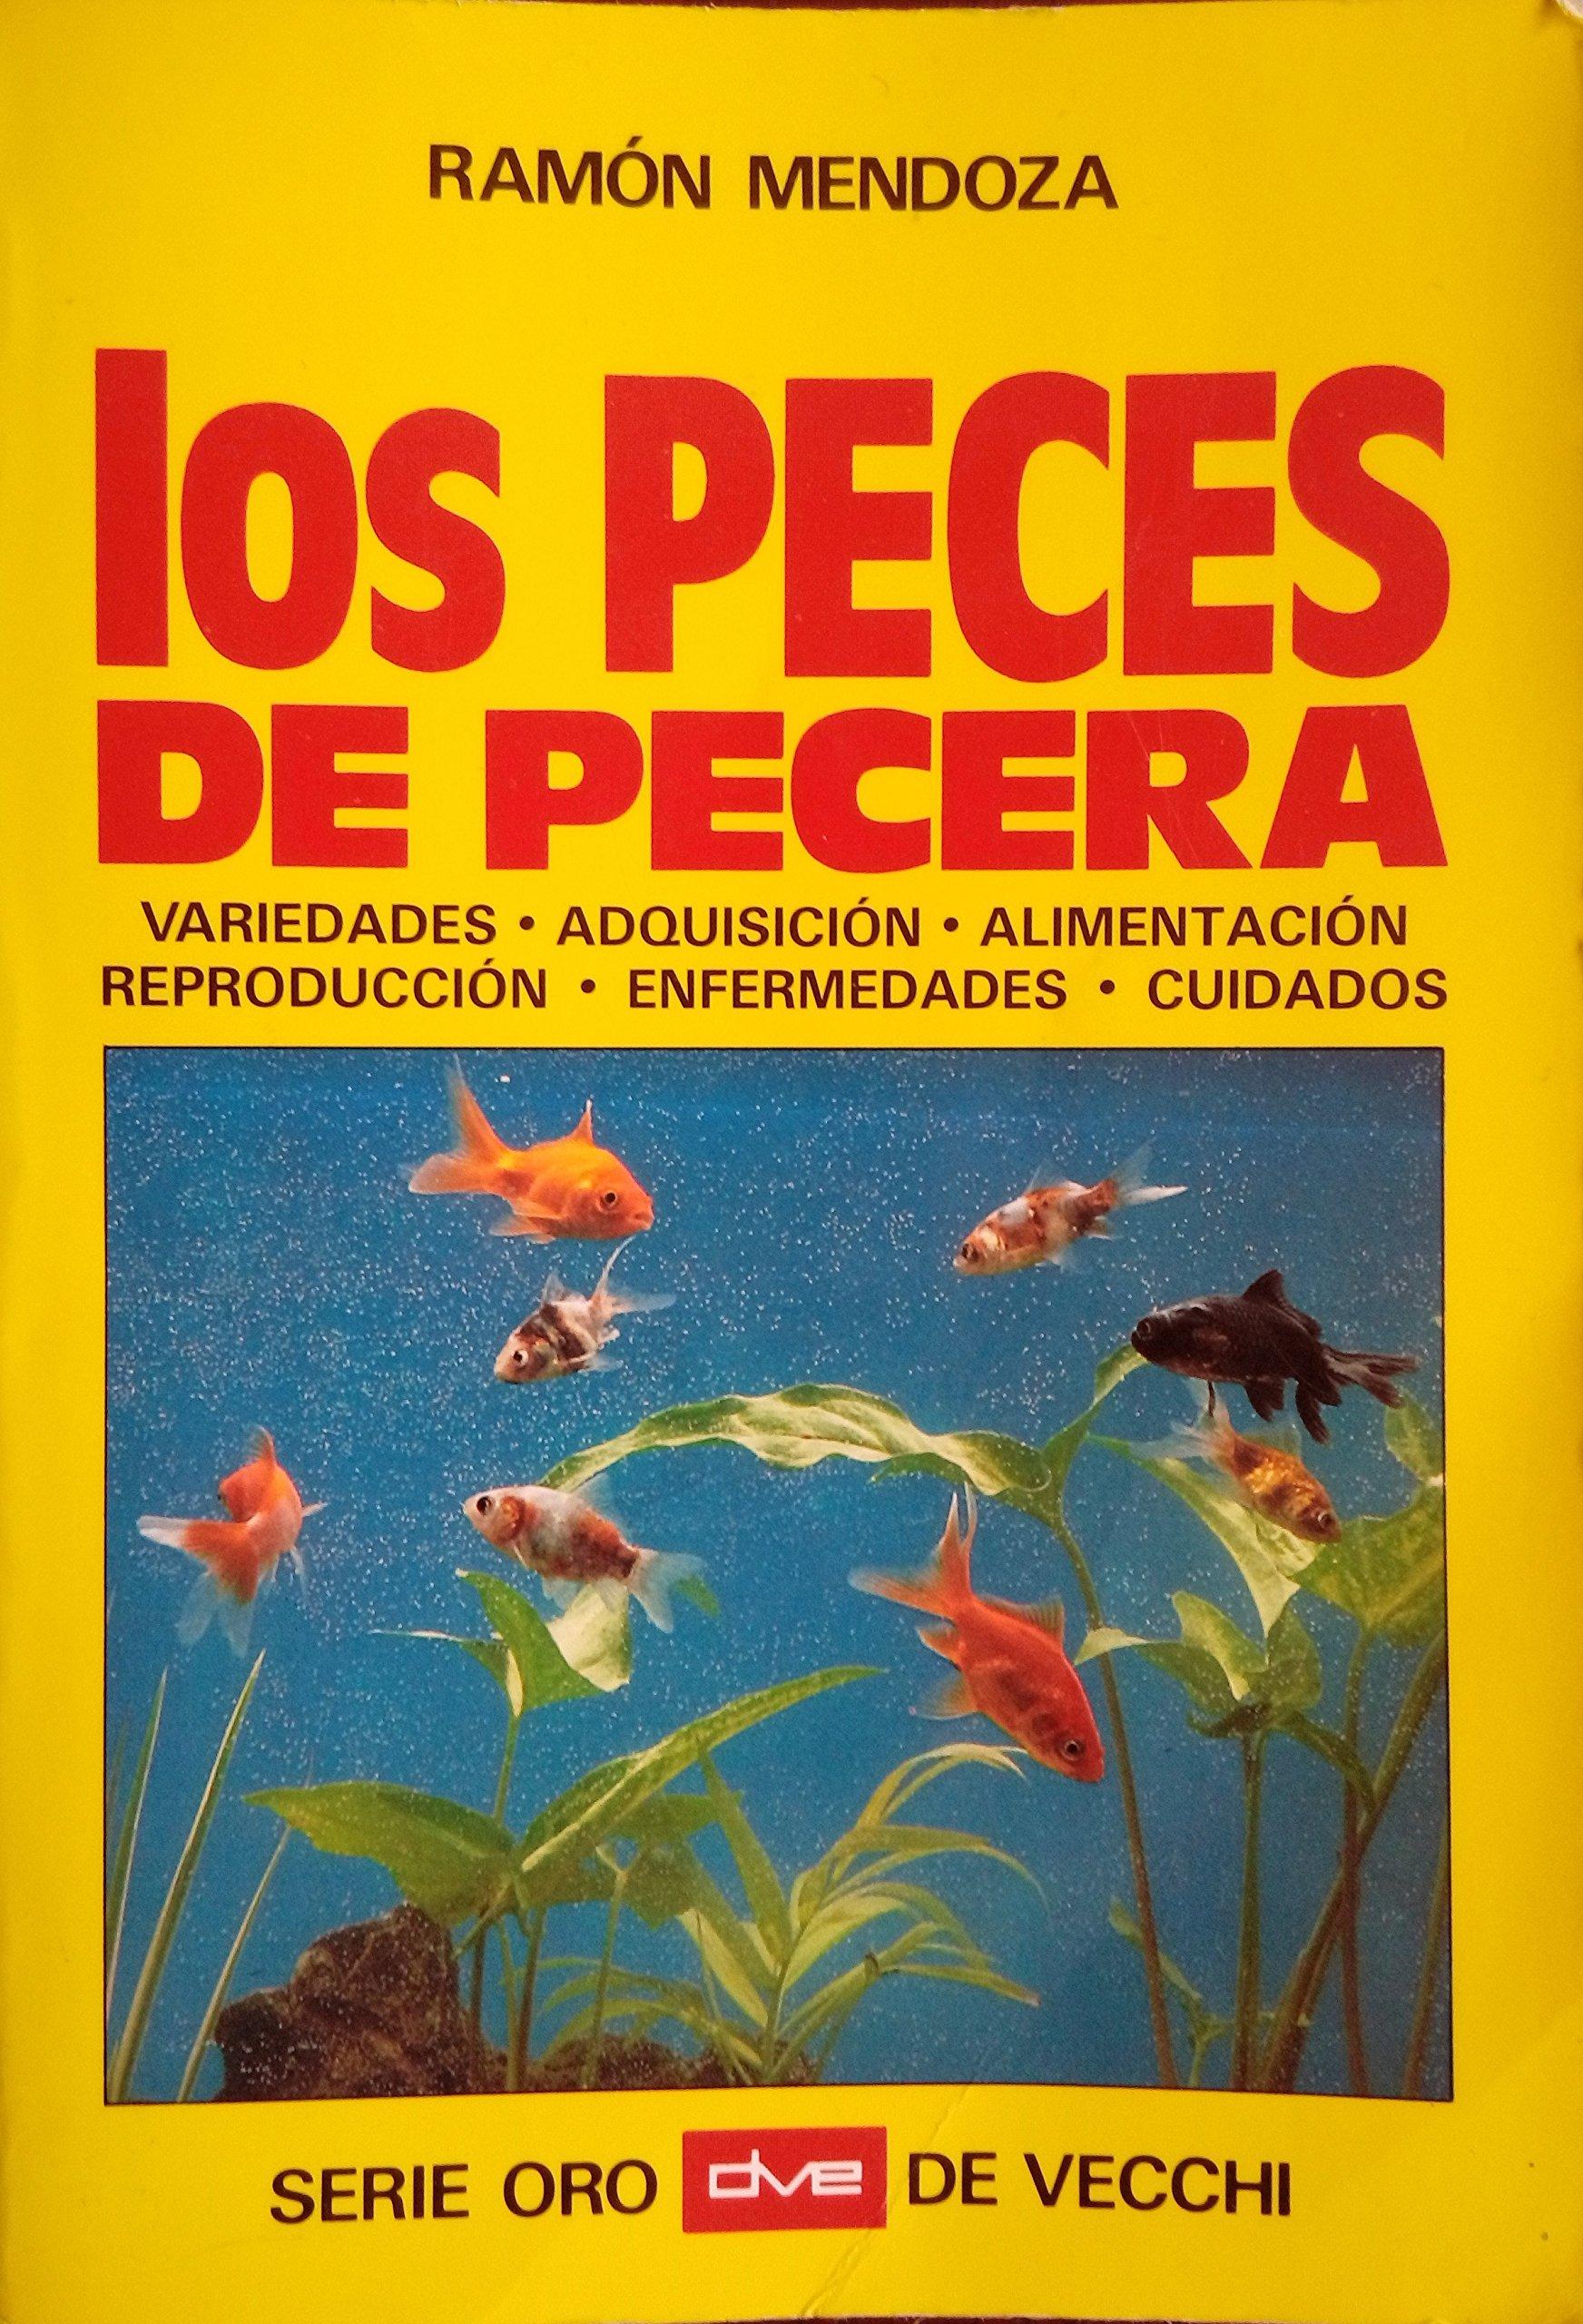 Los peces de pecera. Variedades, adquisición, alimentación: Amazon.es: Ramón Mendoza, De Vecchi: Libros